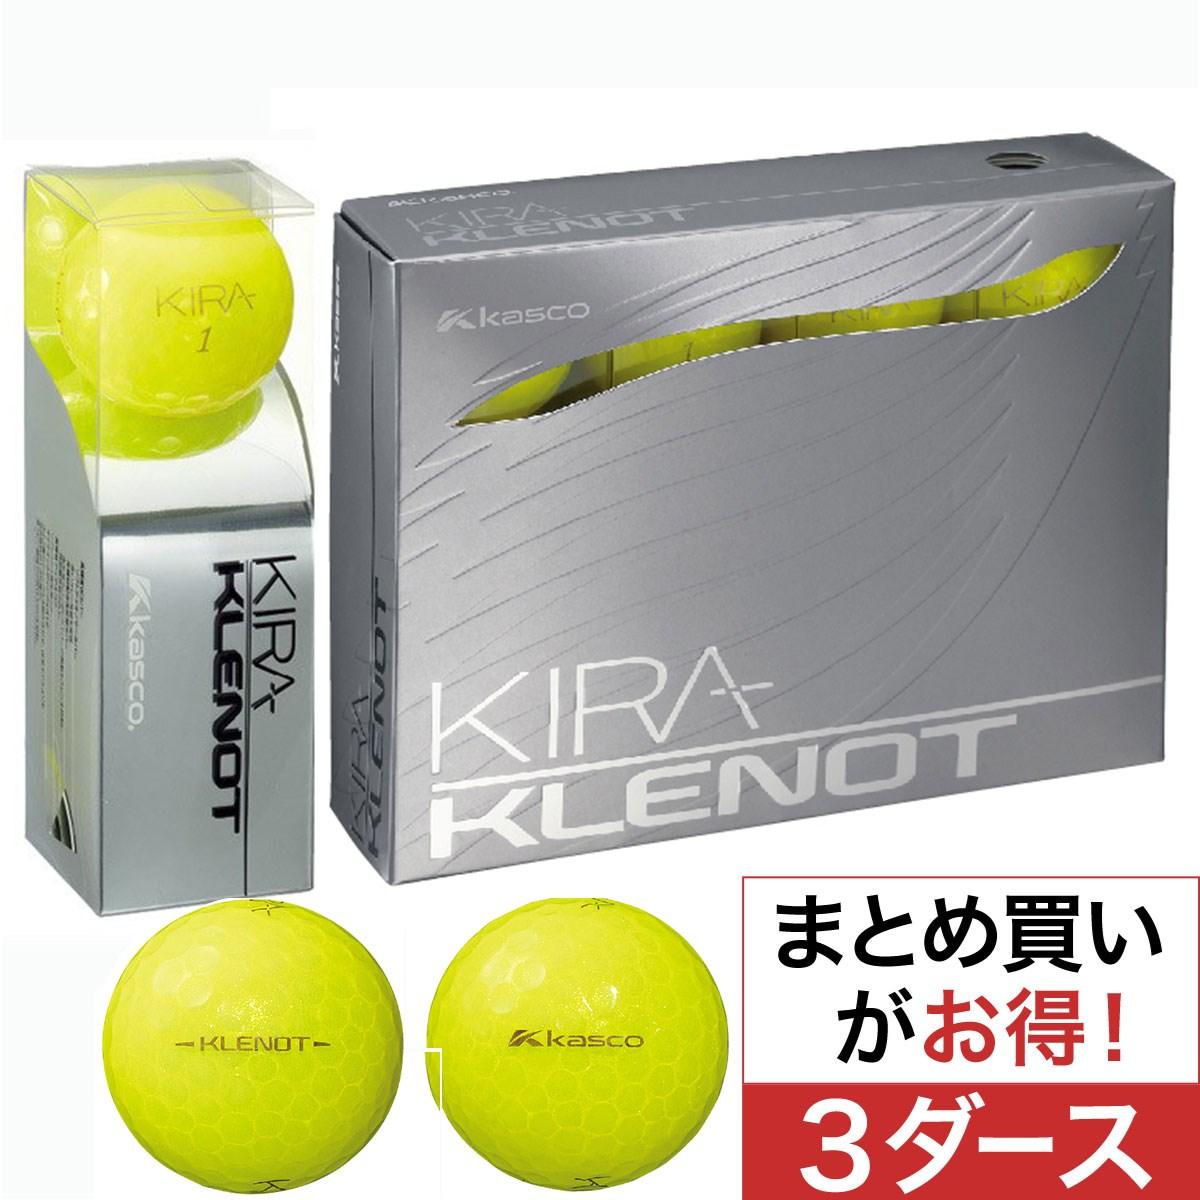 キャスコ(KASCO) KIRA クレノ ボール 3ダースセット